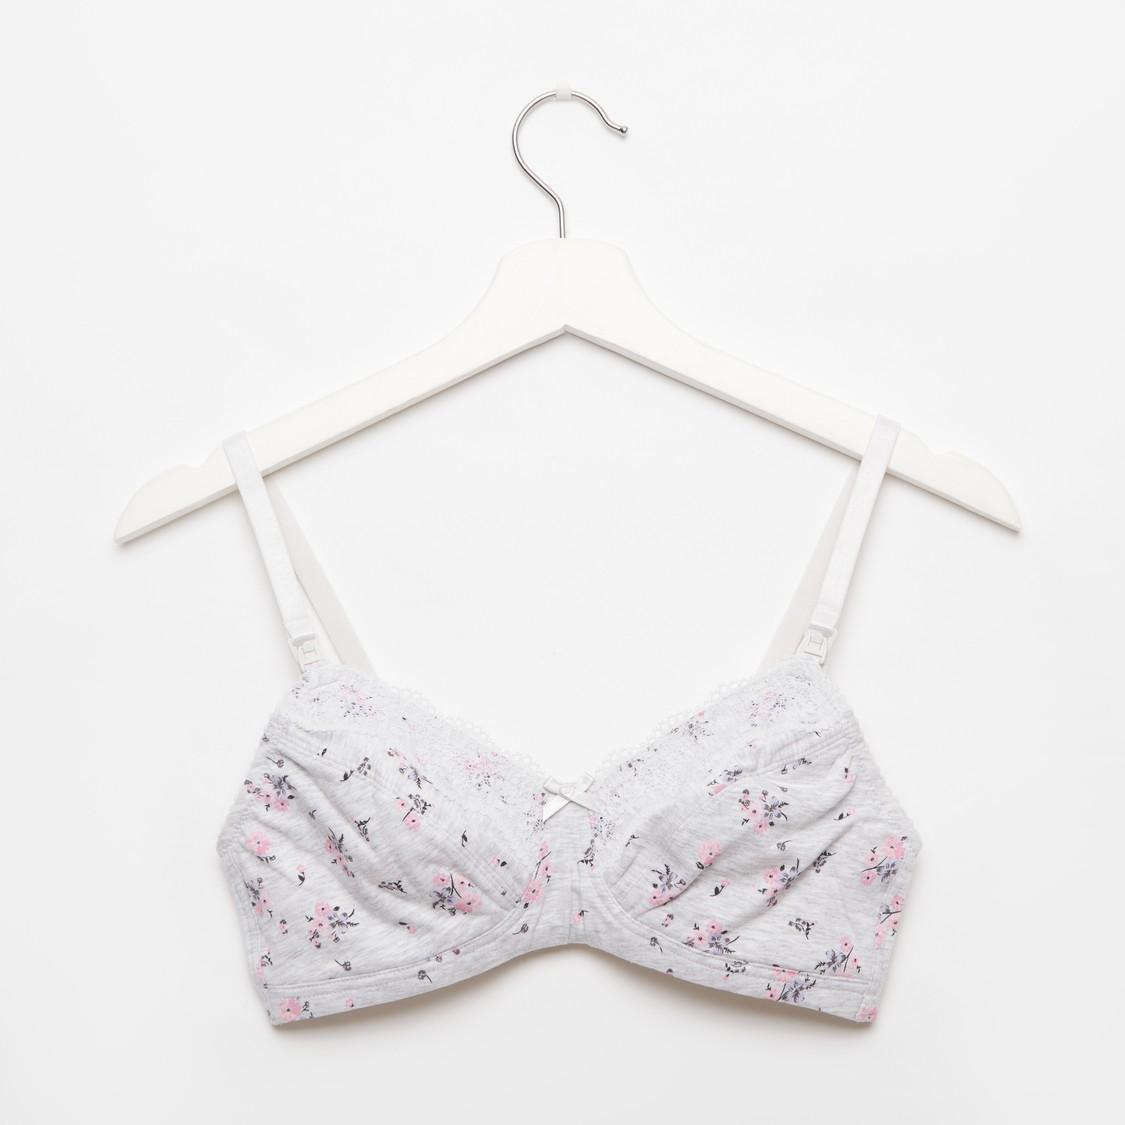 Floral Print Cotton Bra with Adjustable Shoulder Straps